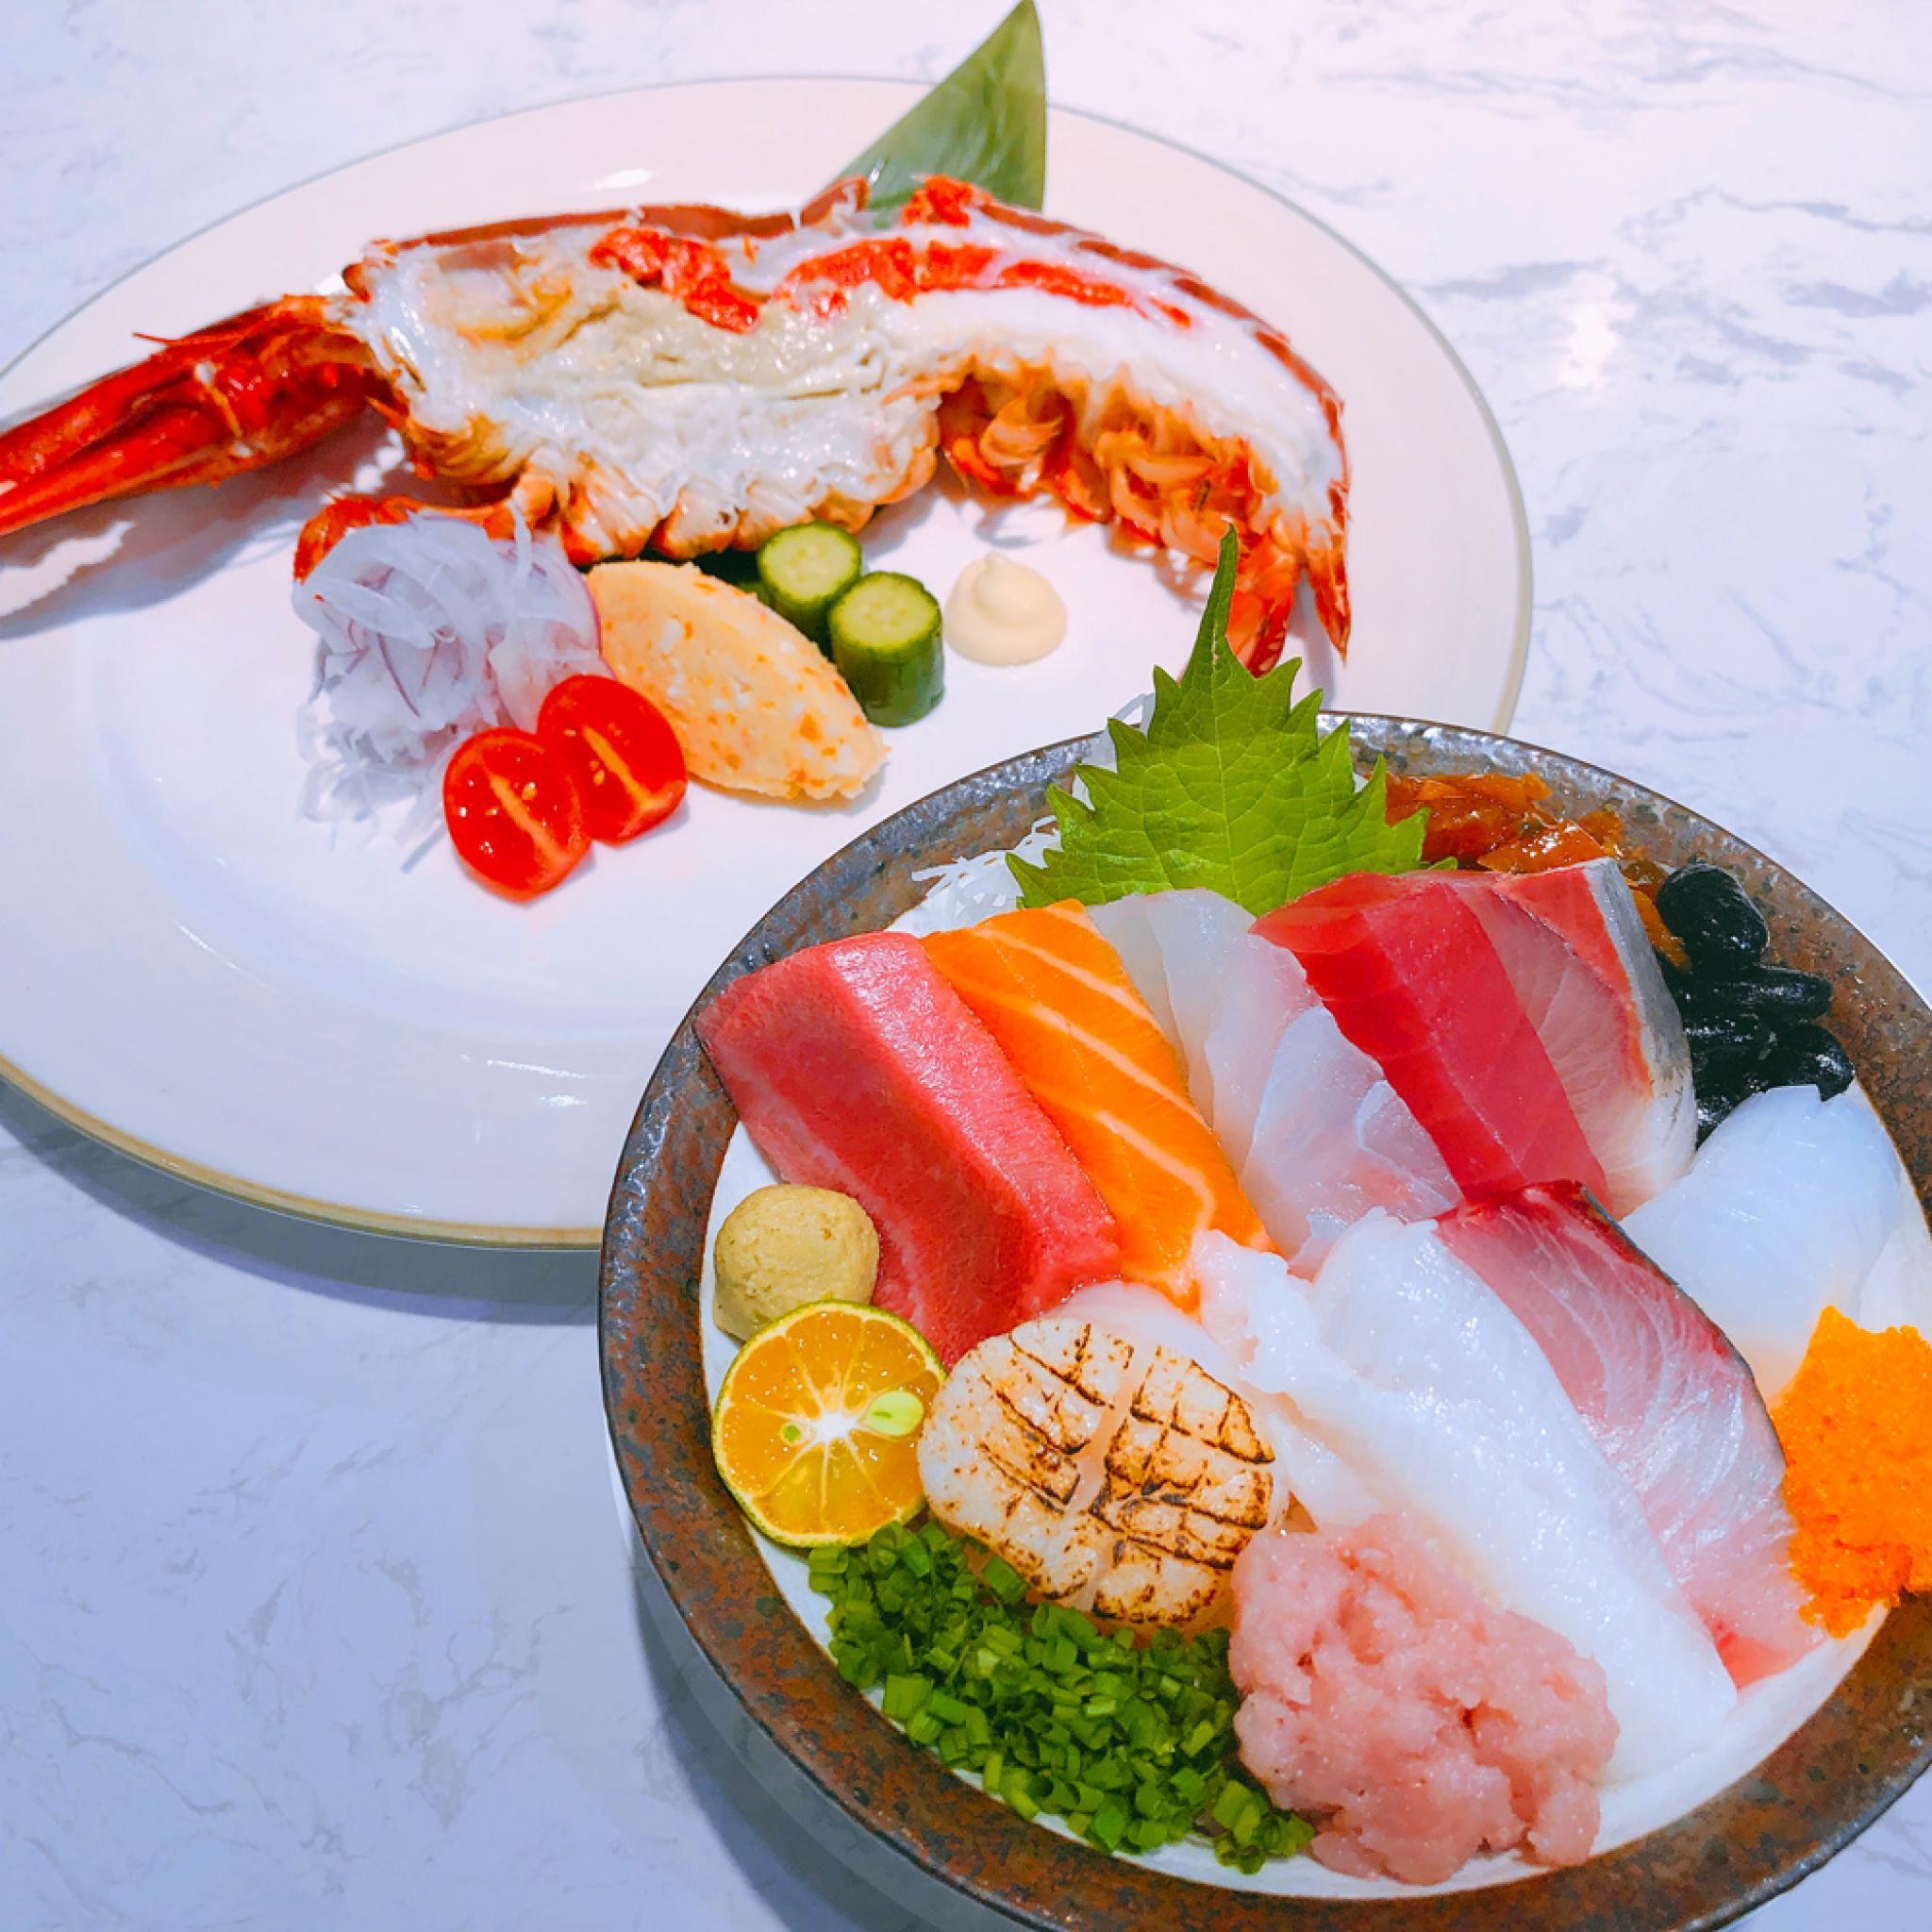 【電子票券】台北土狗樂市特上海鮮丼飯+半隻波士頓龍蝦套餐券(假日不加價)